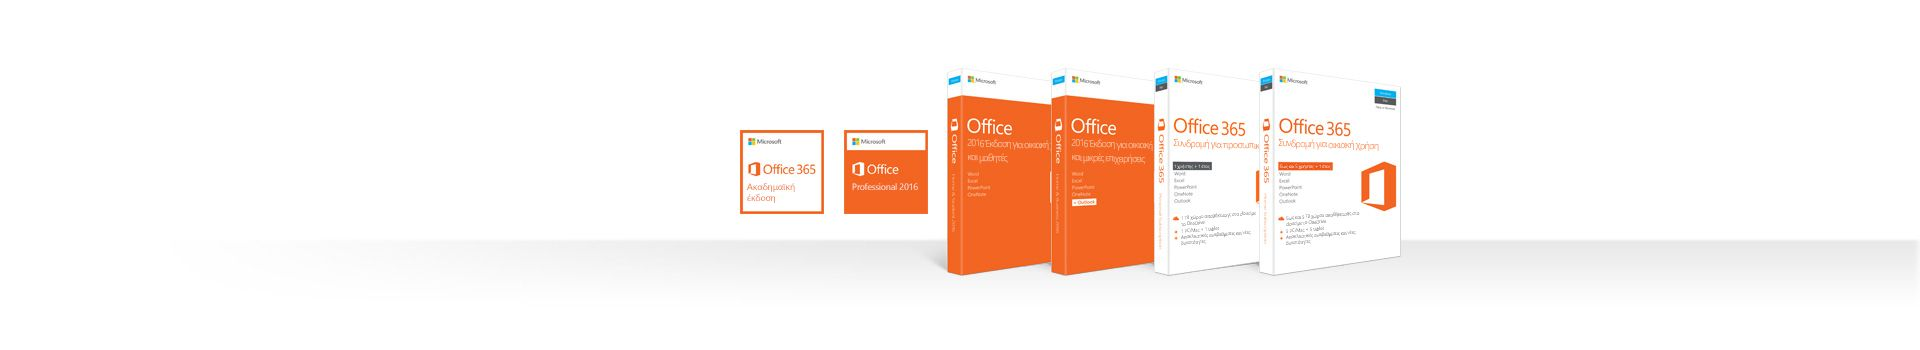 Μια σειρά από κουτιά προϊόντων του Office 2016 και του Office 365 για PC